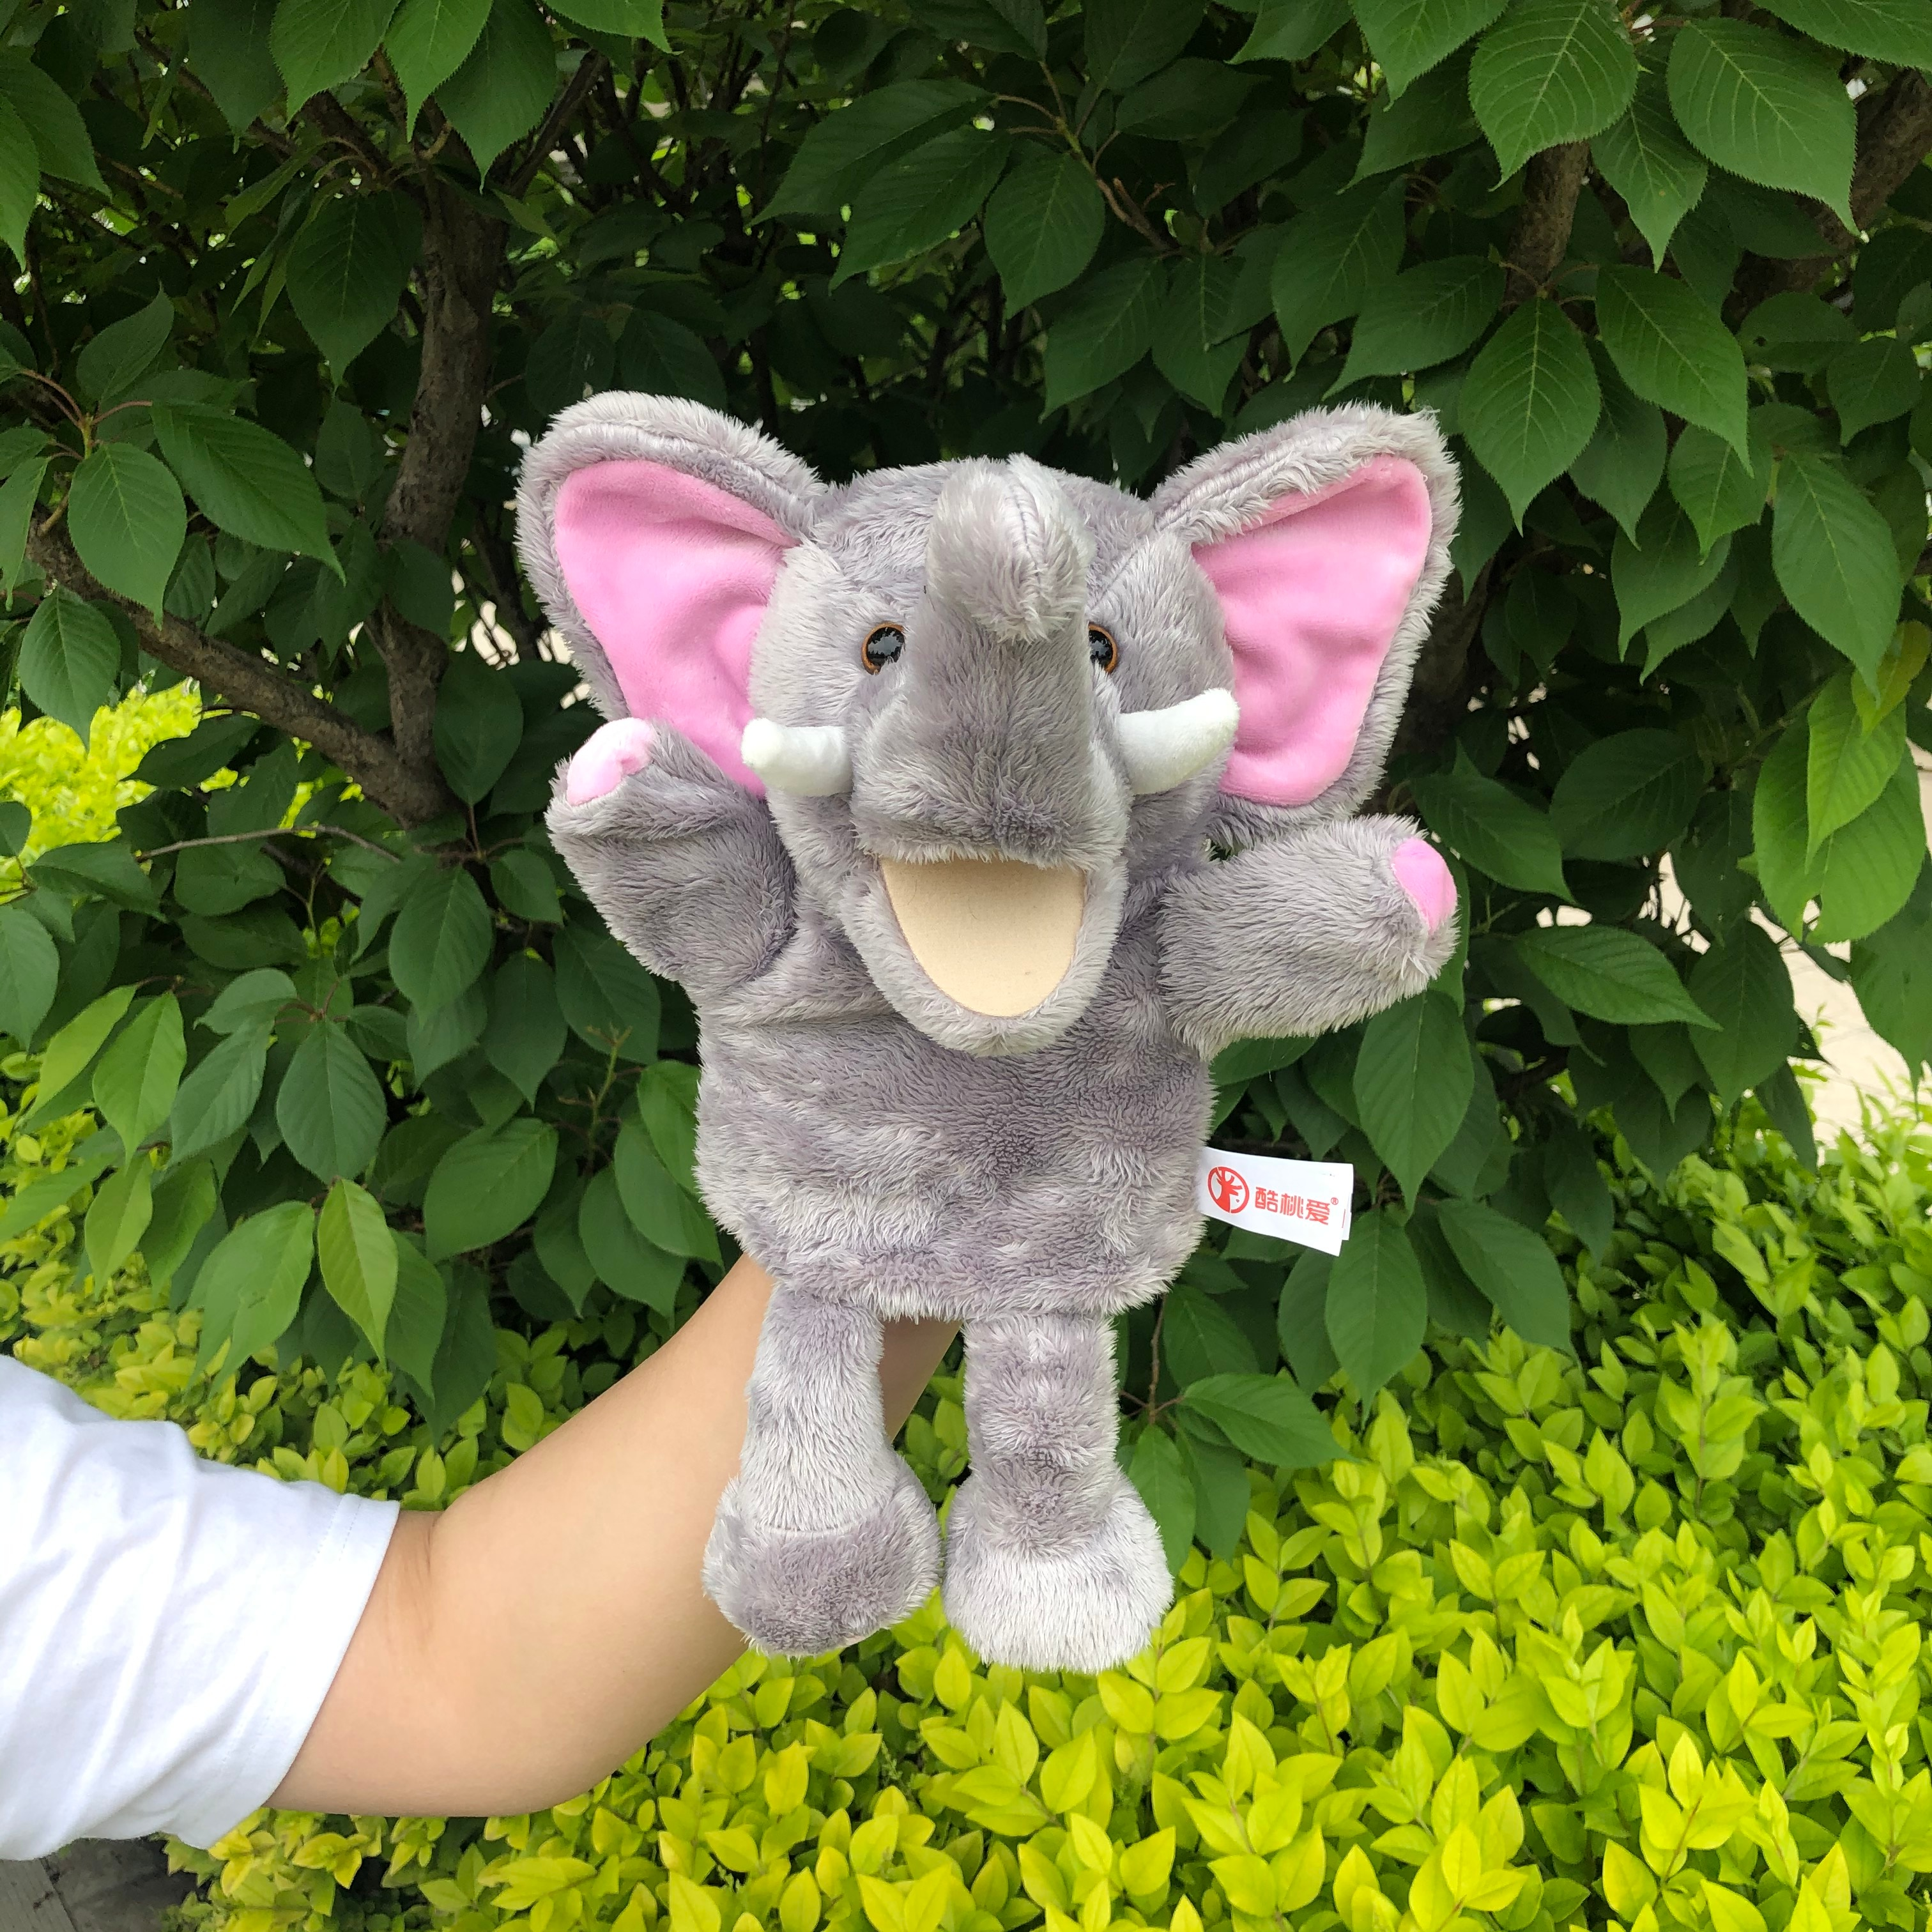 30cm Bewegen die mund der dschungel tier elefanten finger puppet spielzeug baby komfort artikel eltern-kind-spiel plüsch puppen